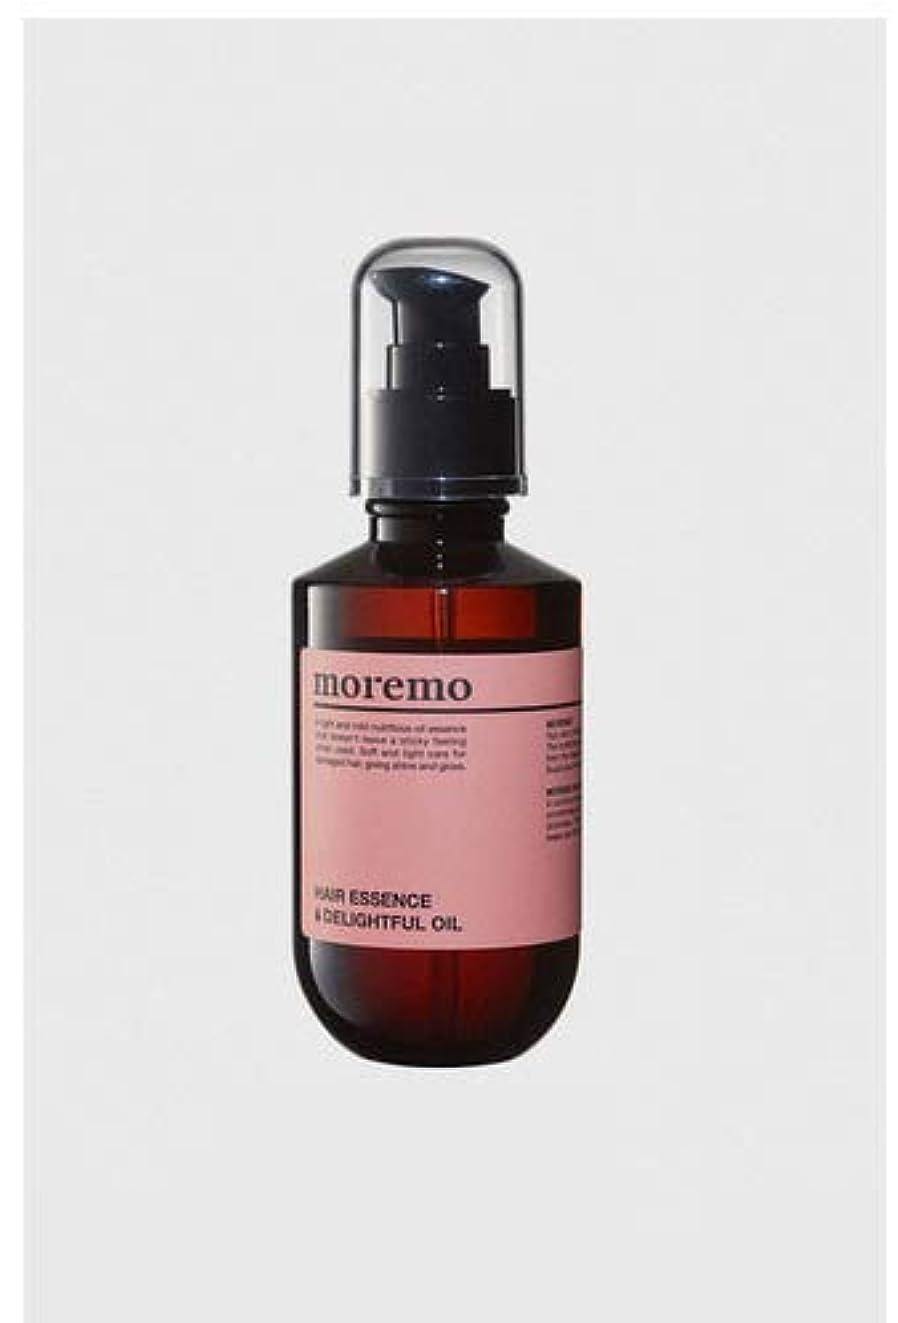 抽出宿題をするアイデアMOREMO Hair Essence Delightful Oil モレモ ヘア エッセンス ディライトフル オイル (70ml) [並行輸入品]